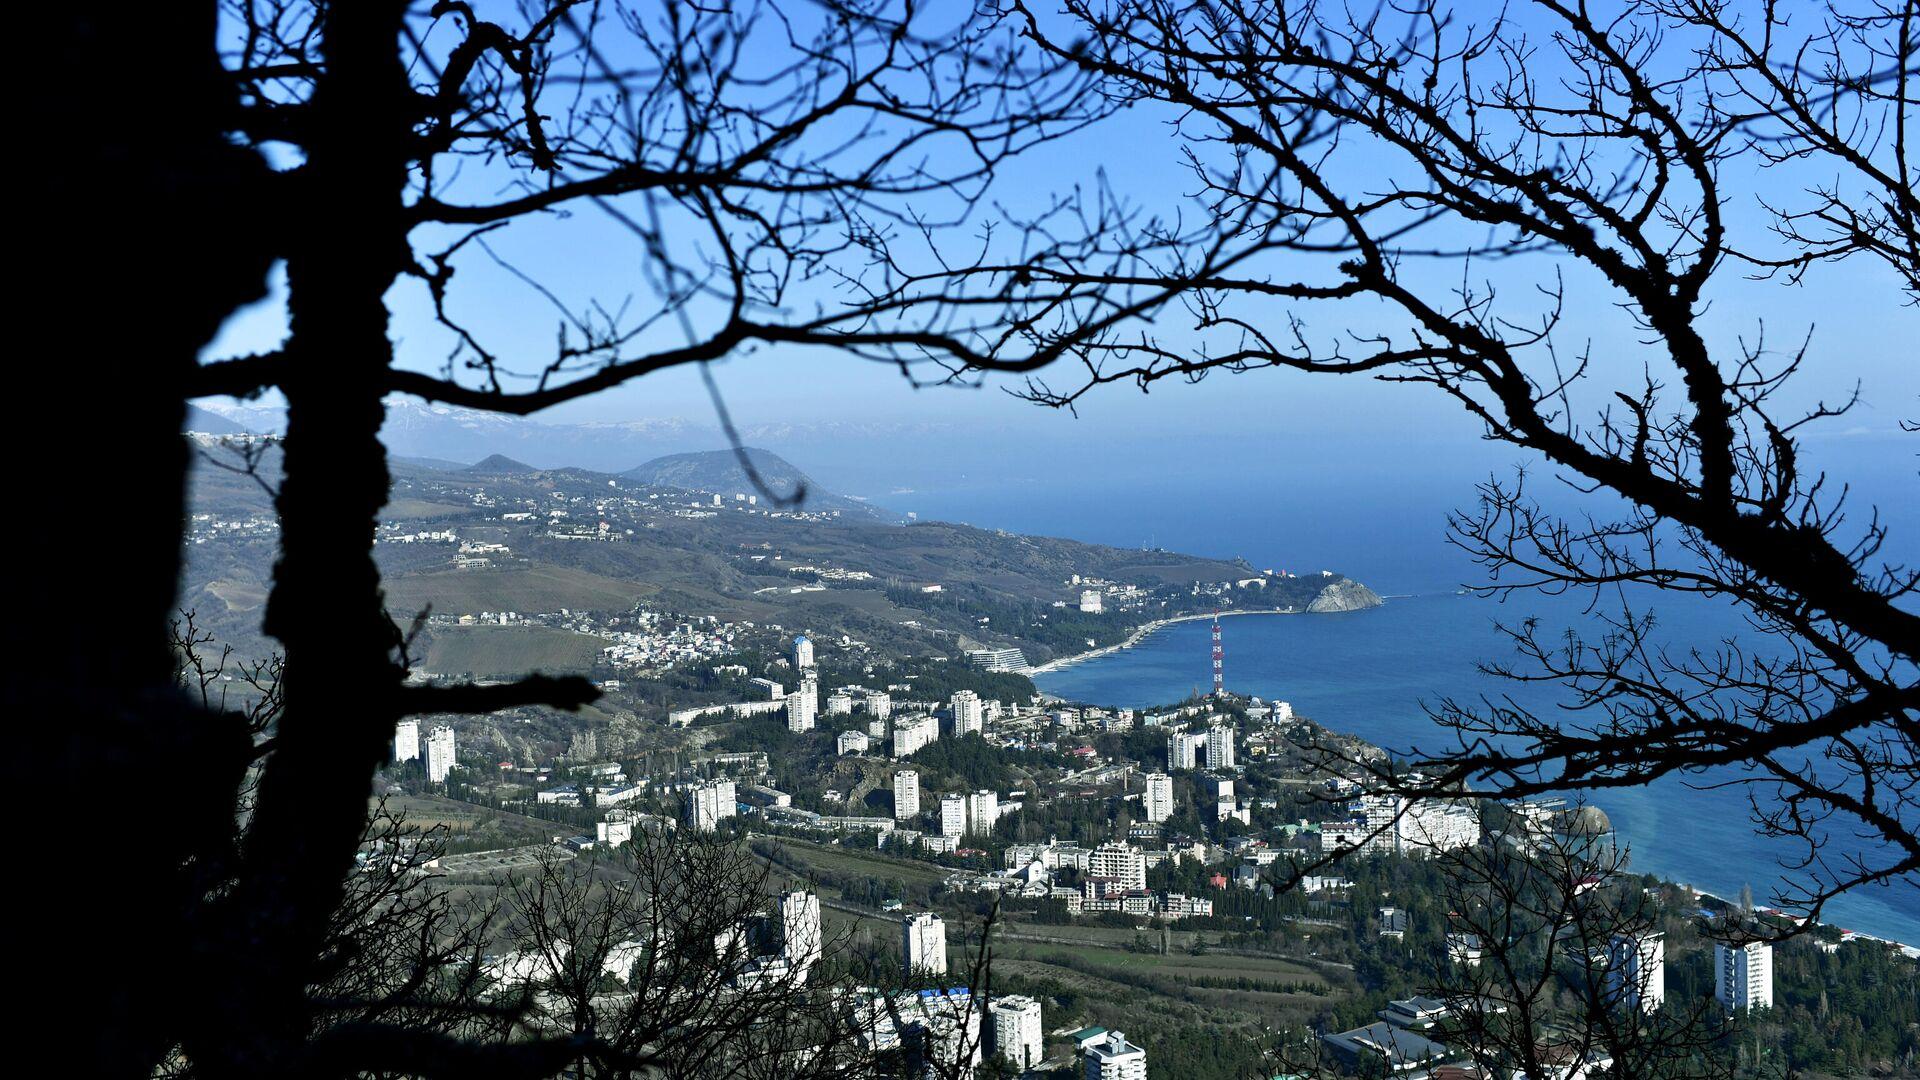 Вид на поселок Партенит на побережье Черного моря в Крыму - РИА Новости, 1920, 26.02.2021